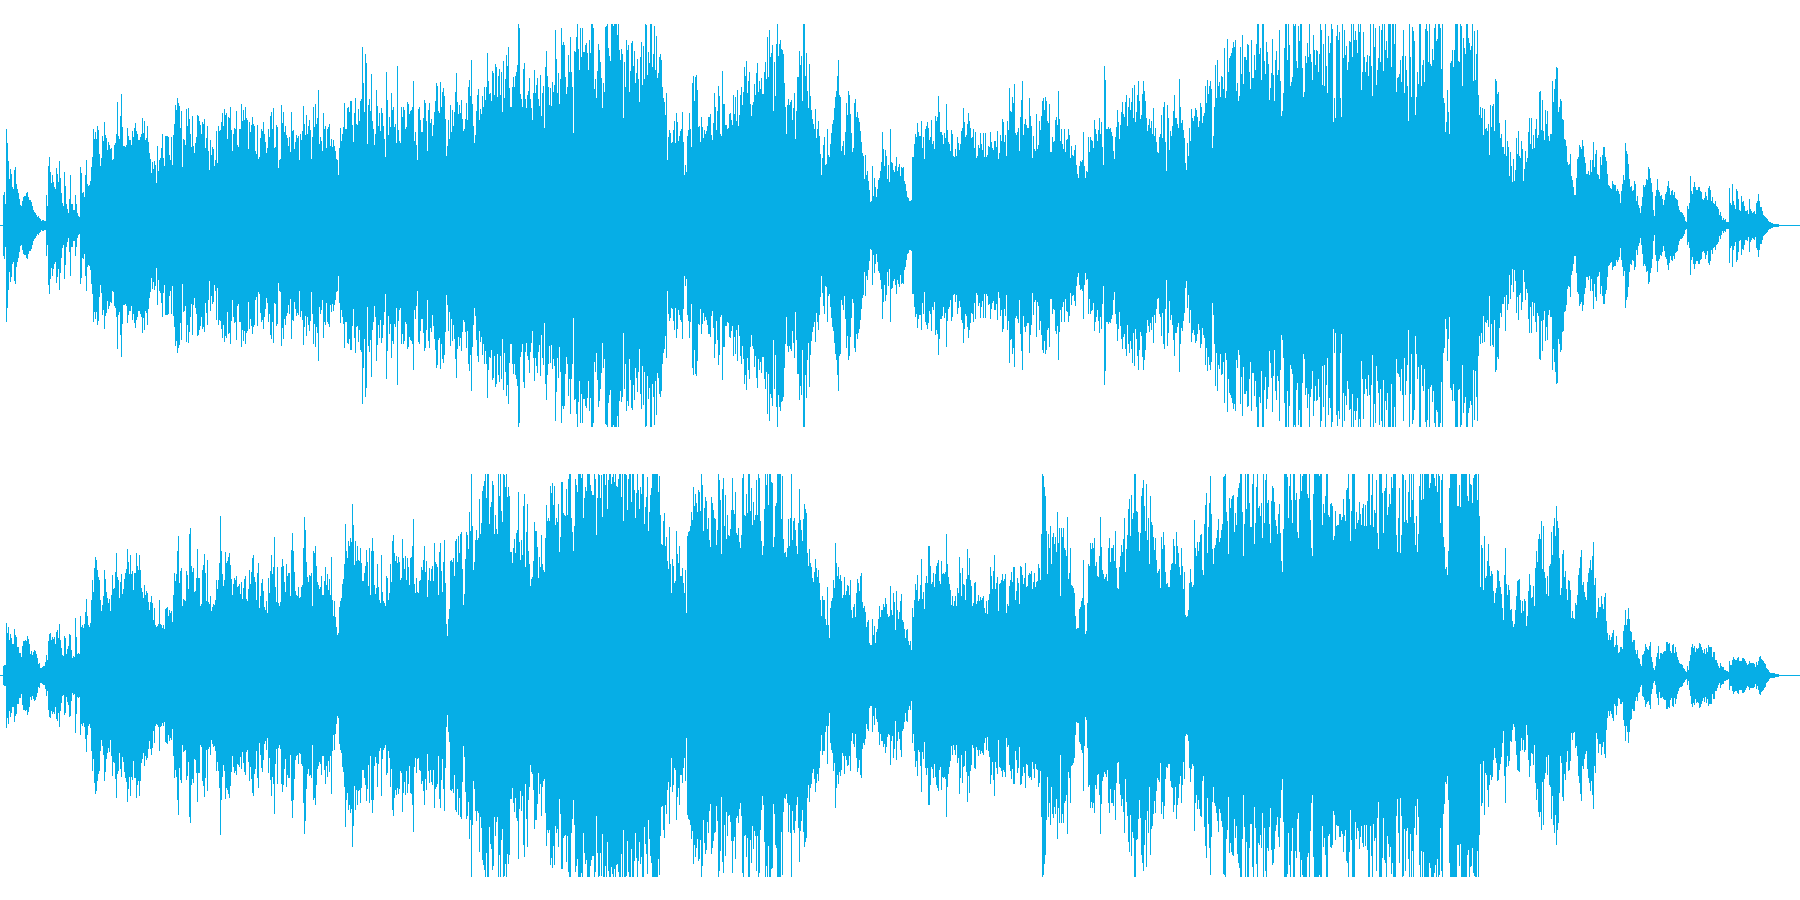 優しいメロディーのドラマチックサウンドの再生済みの波形